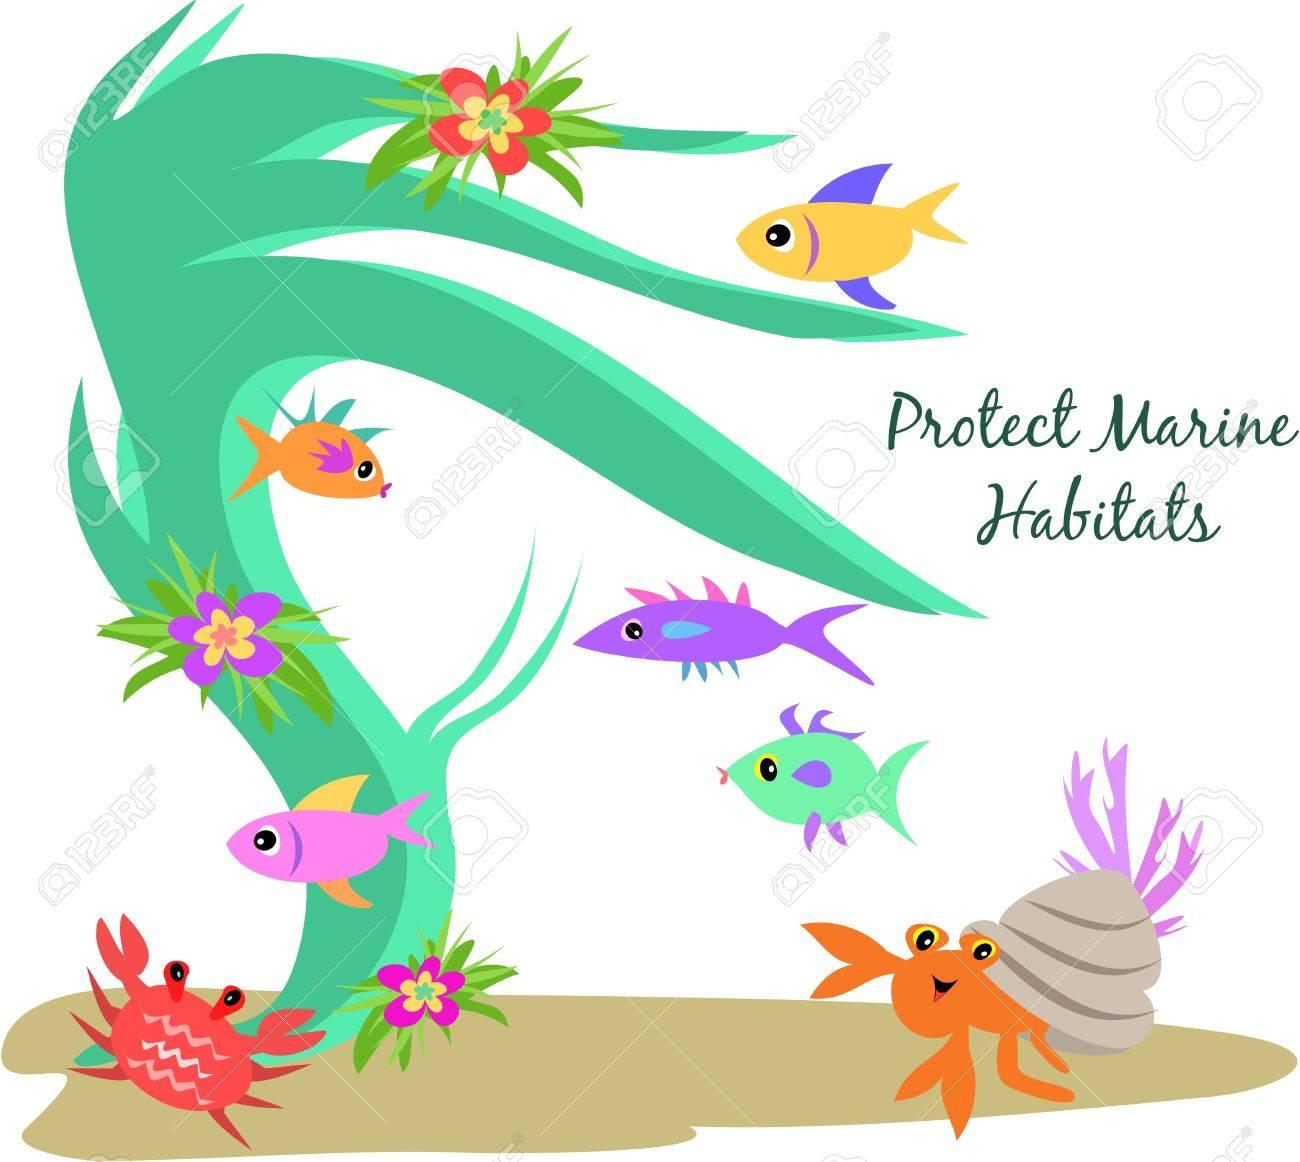 Protect Marine Habitats Stock Vector - 5423423